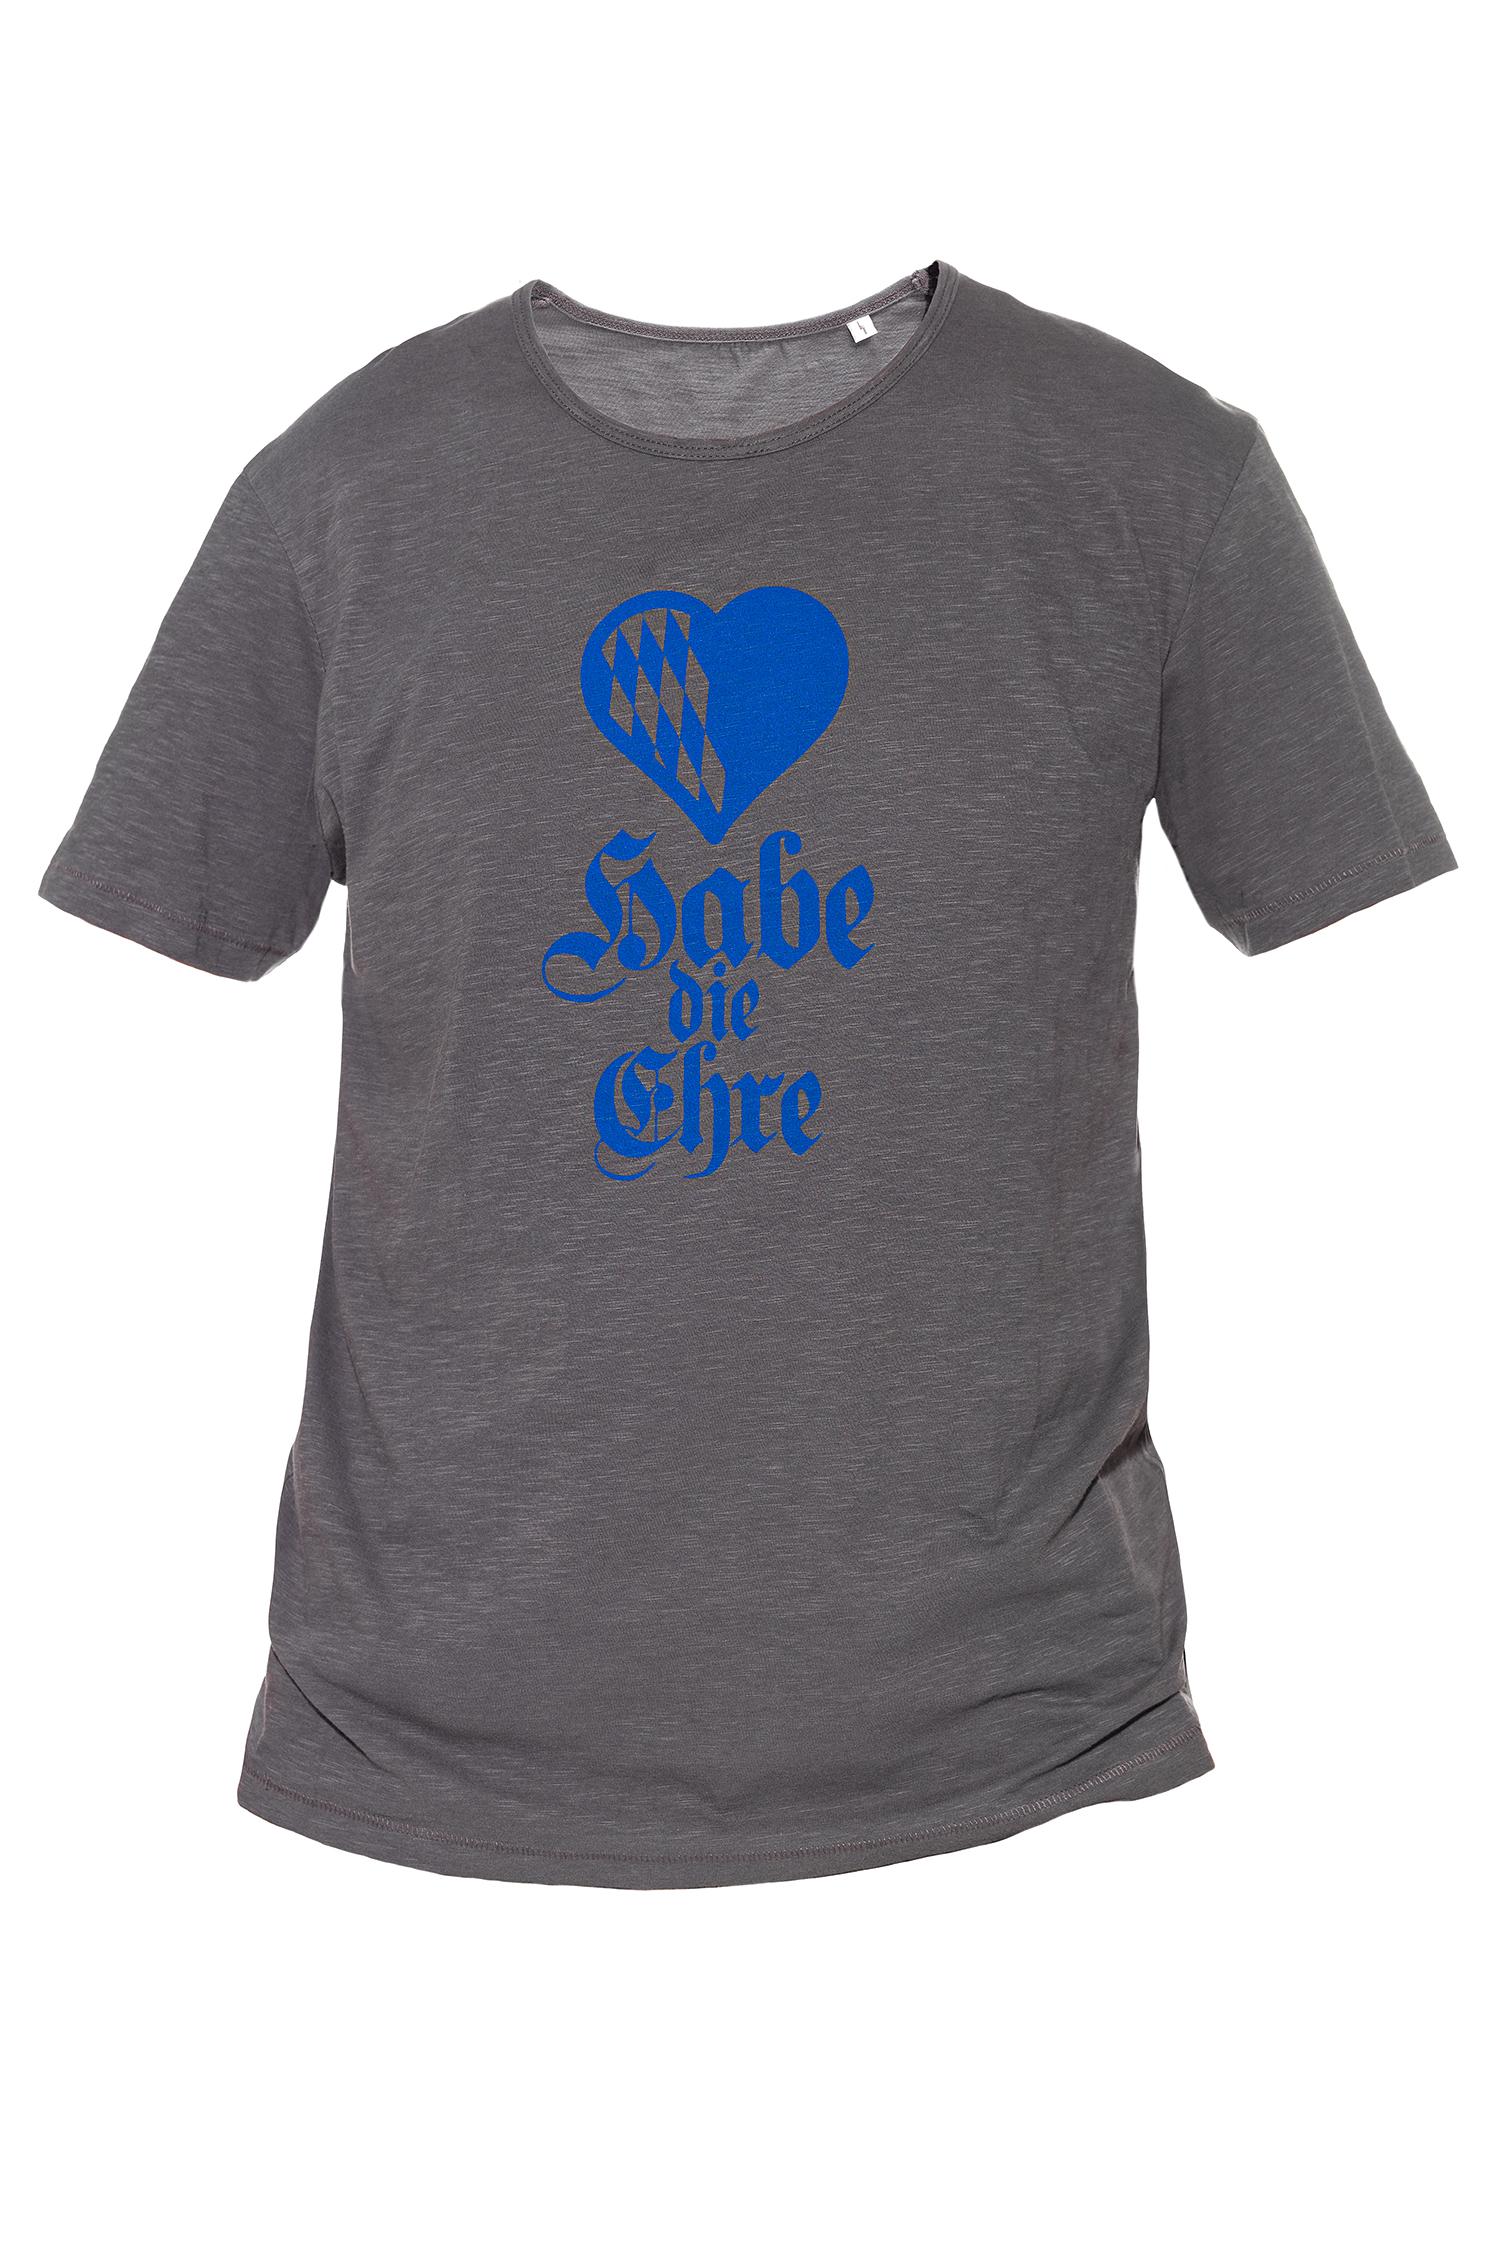 T-Shirt Habe die Ehre Herren L | anthracite